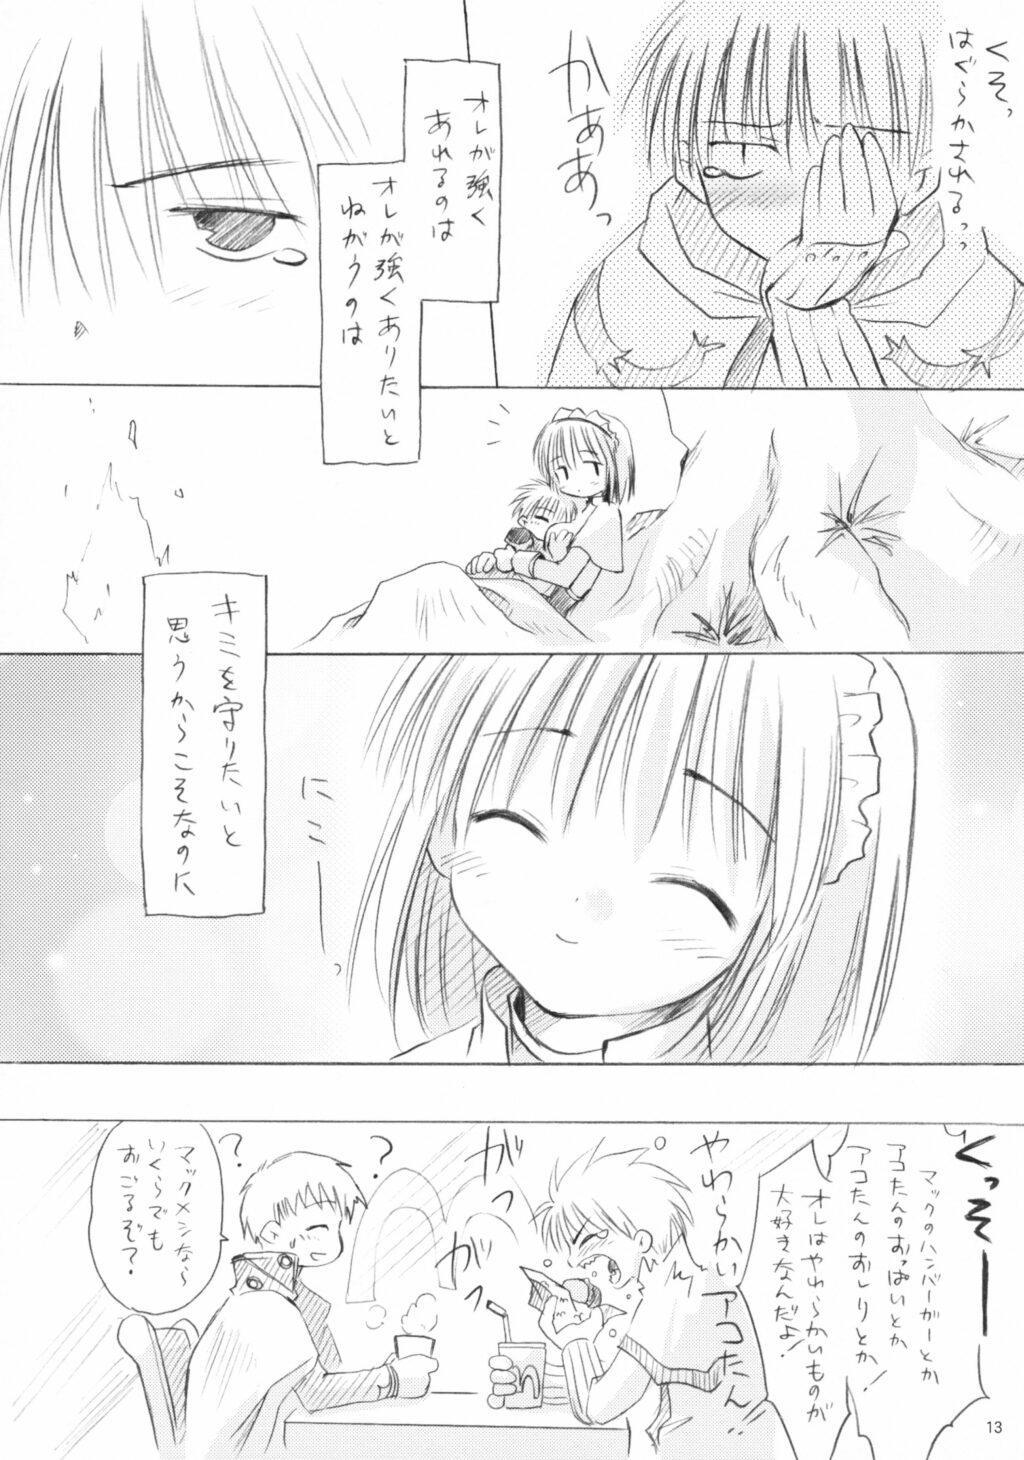 Hajisyoku 12